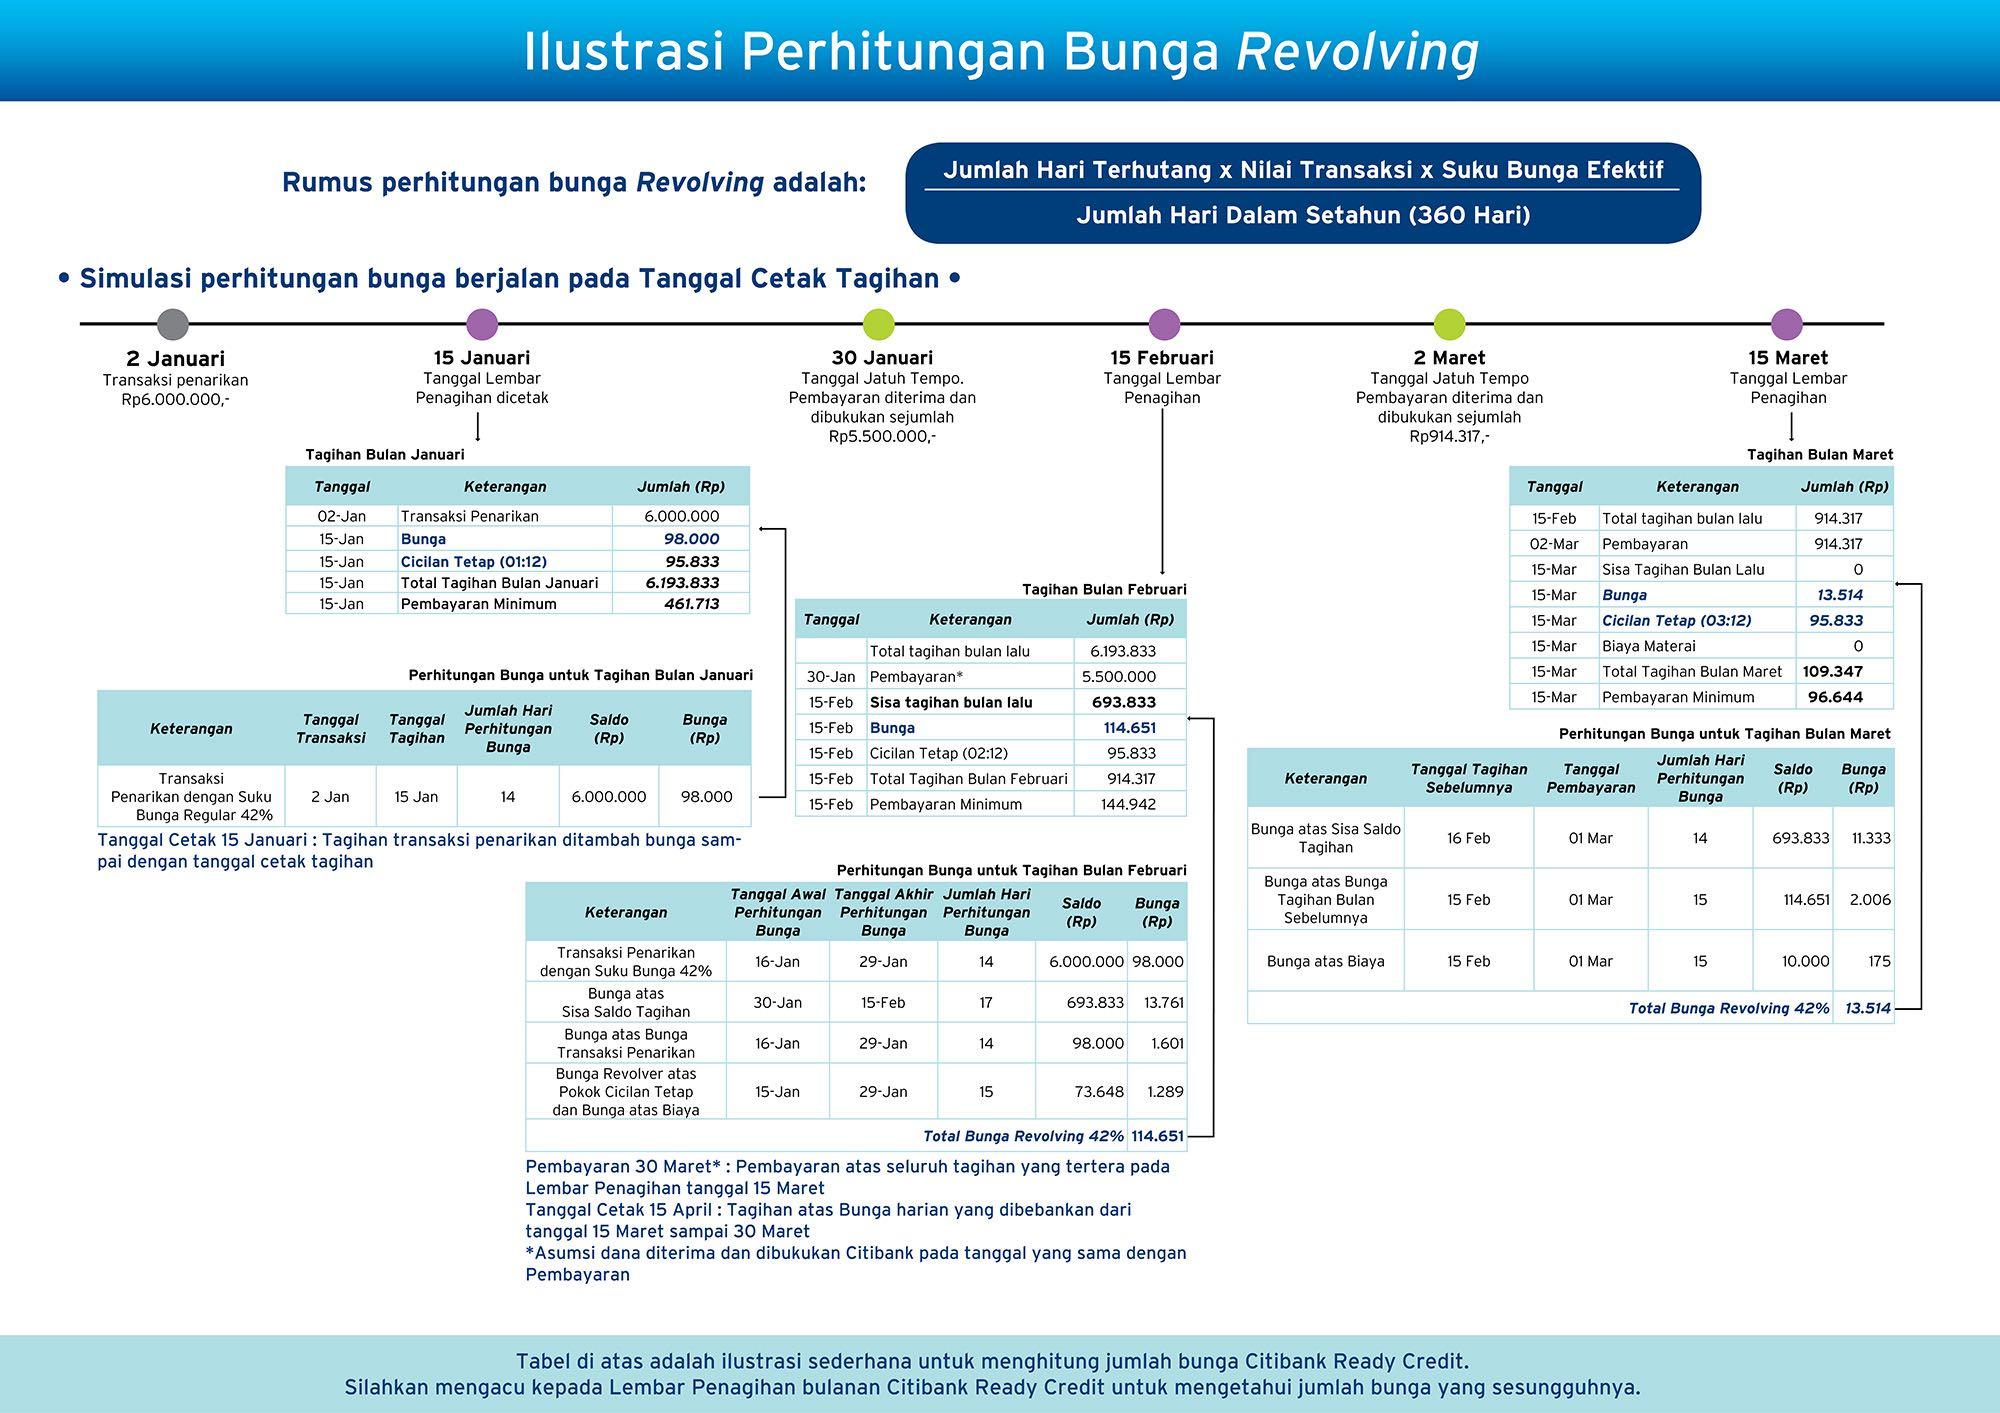 Ilustrasi Perhitungan Bunga Ready Credit Citibank Indonesia